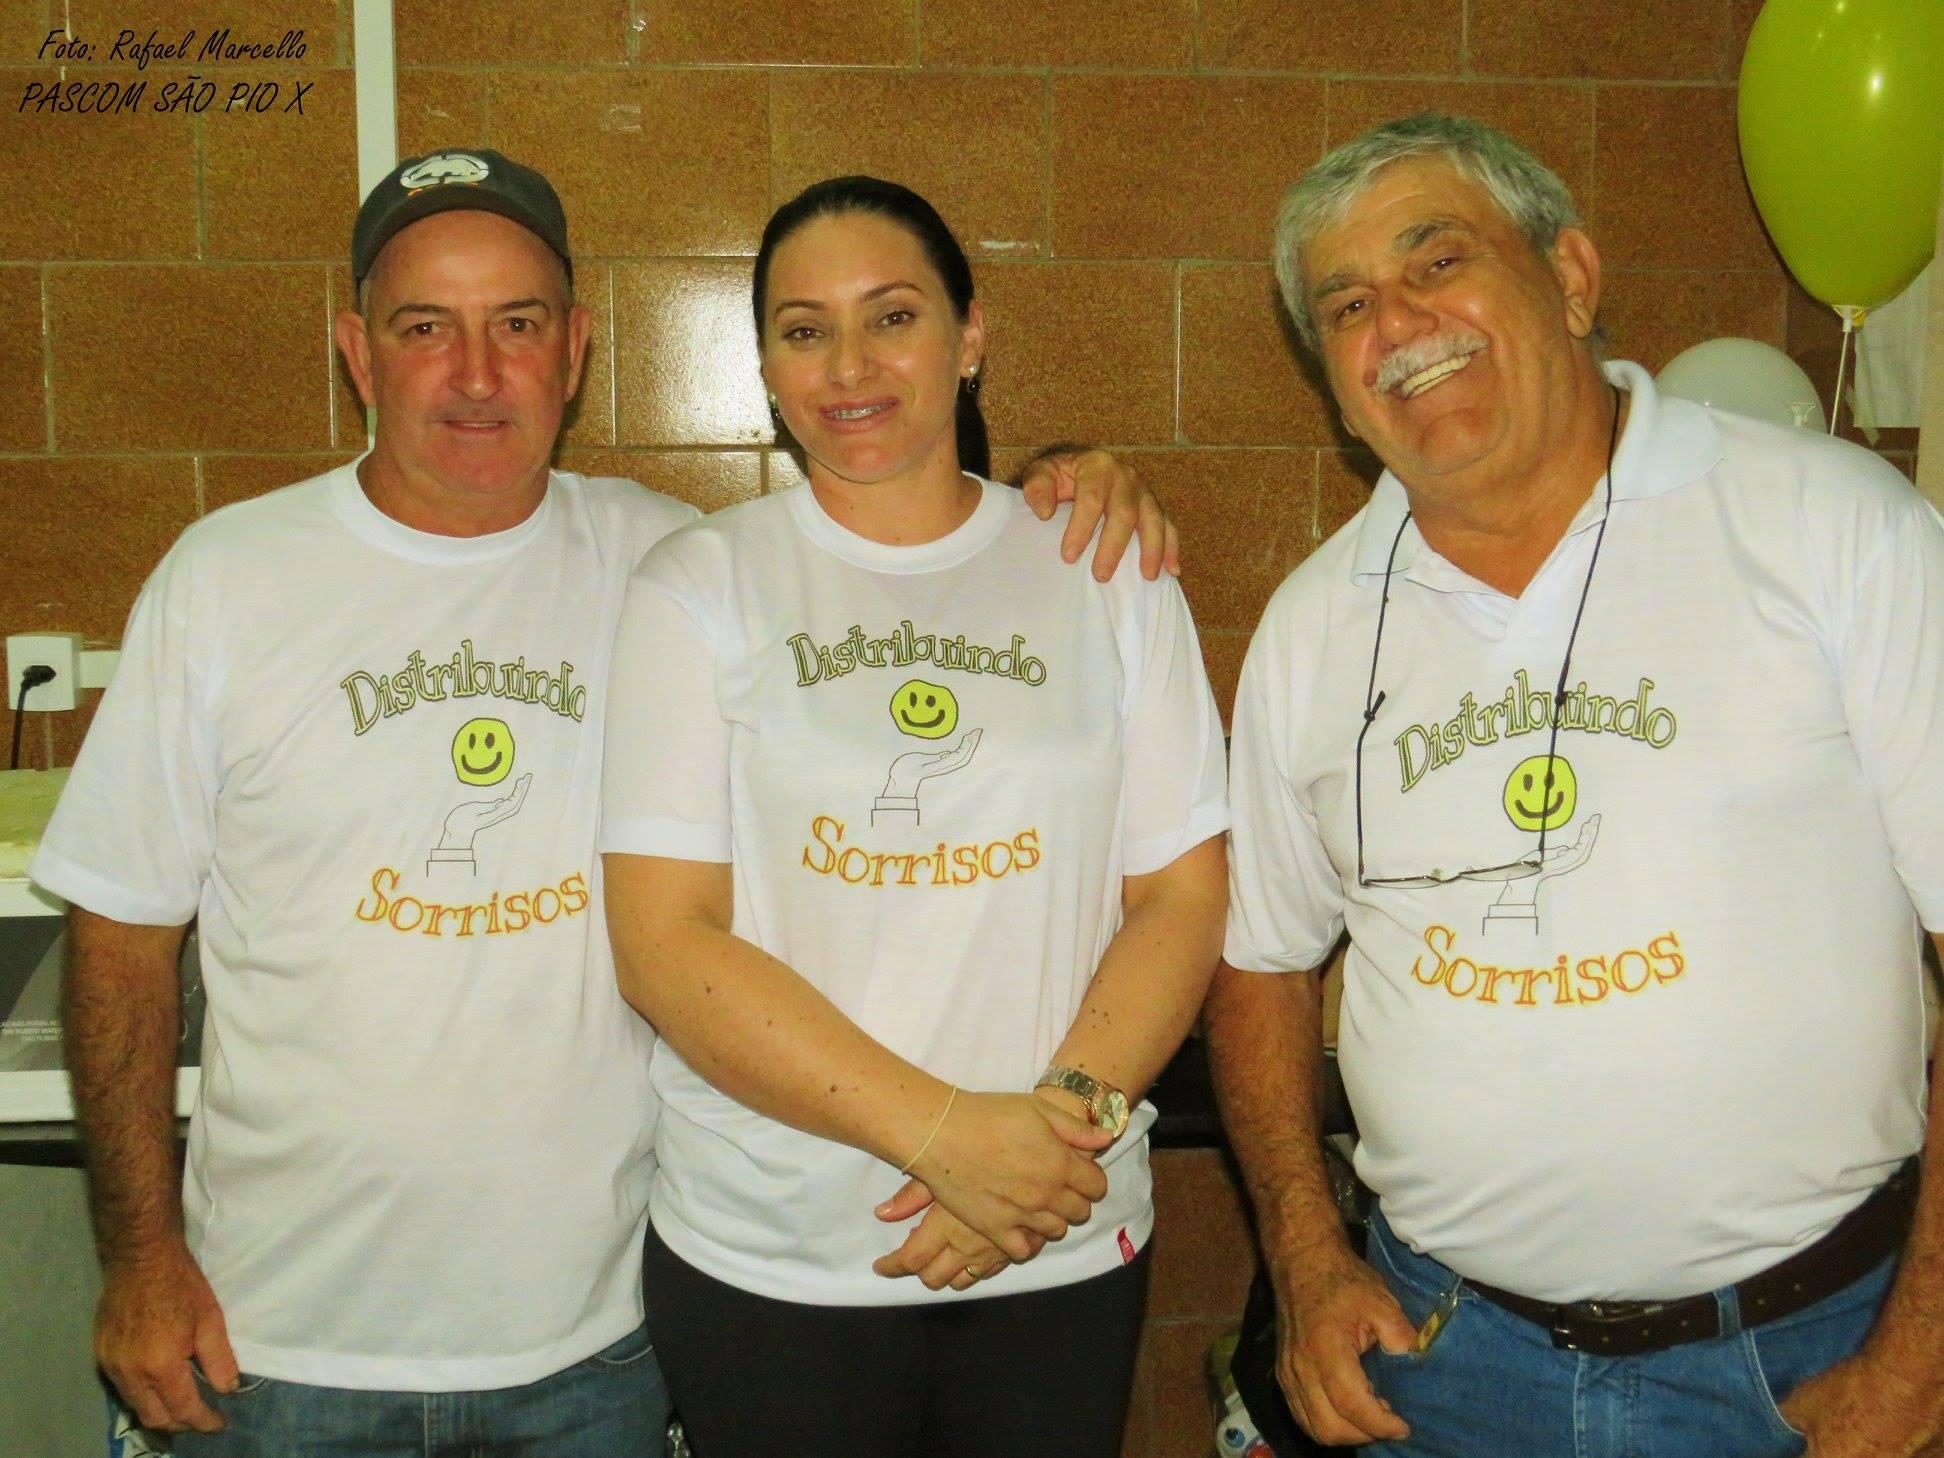 Paróquia São Pio X - Distribuindo Sorrisos - Show de Prêmios